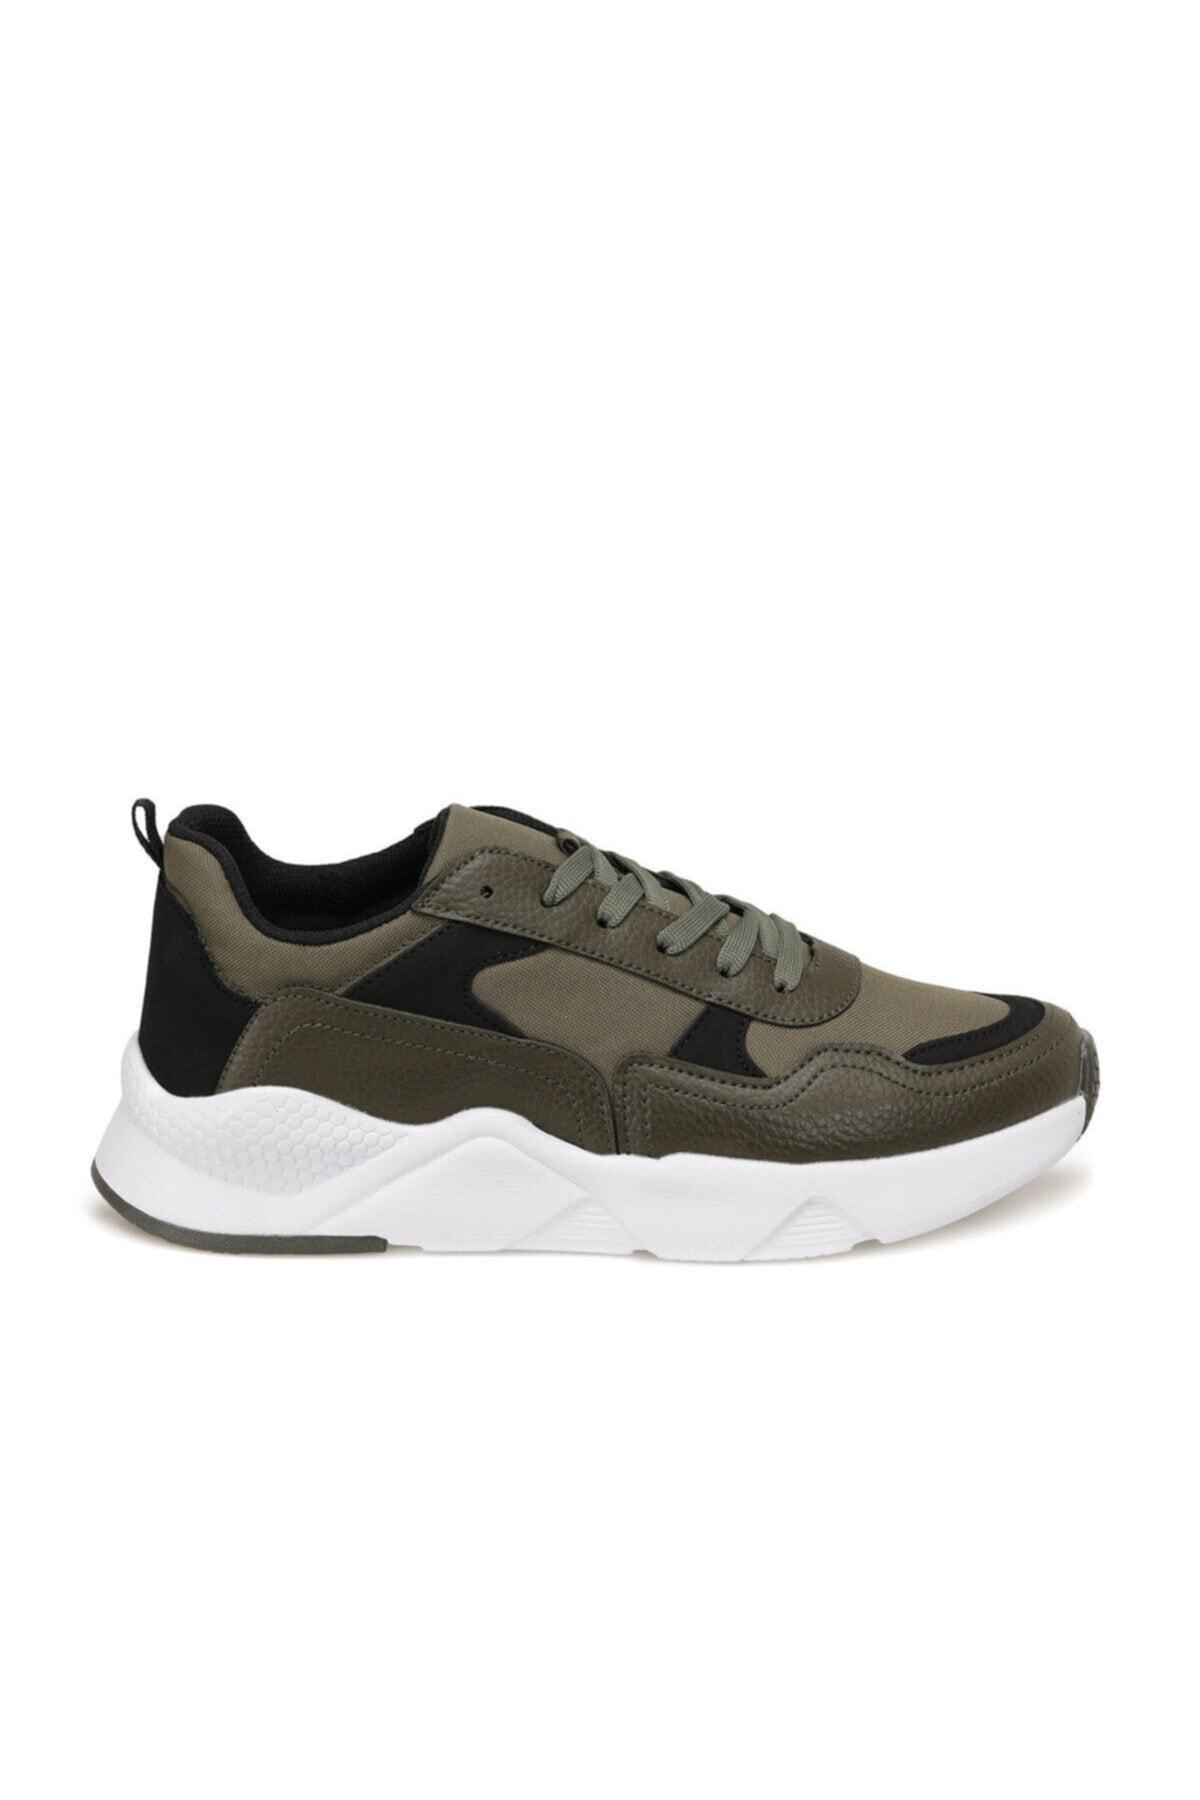 Torex DENVER Haki Erkek Sneaker Ayakkabı 100577240 2